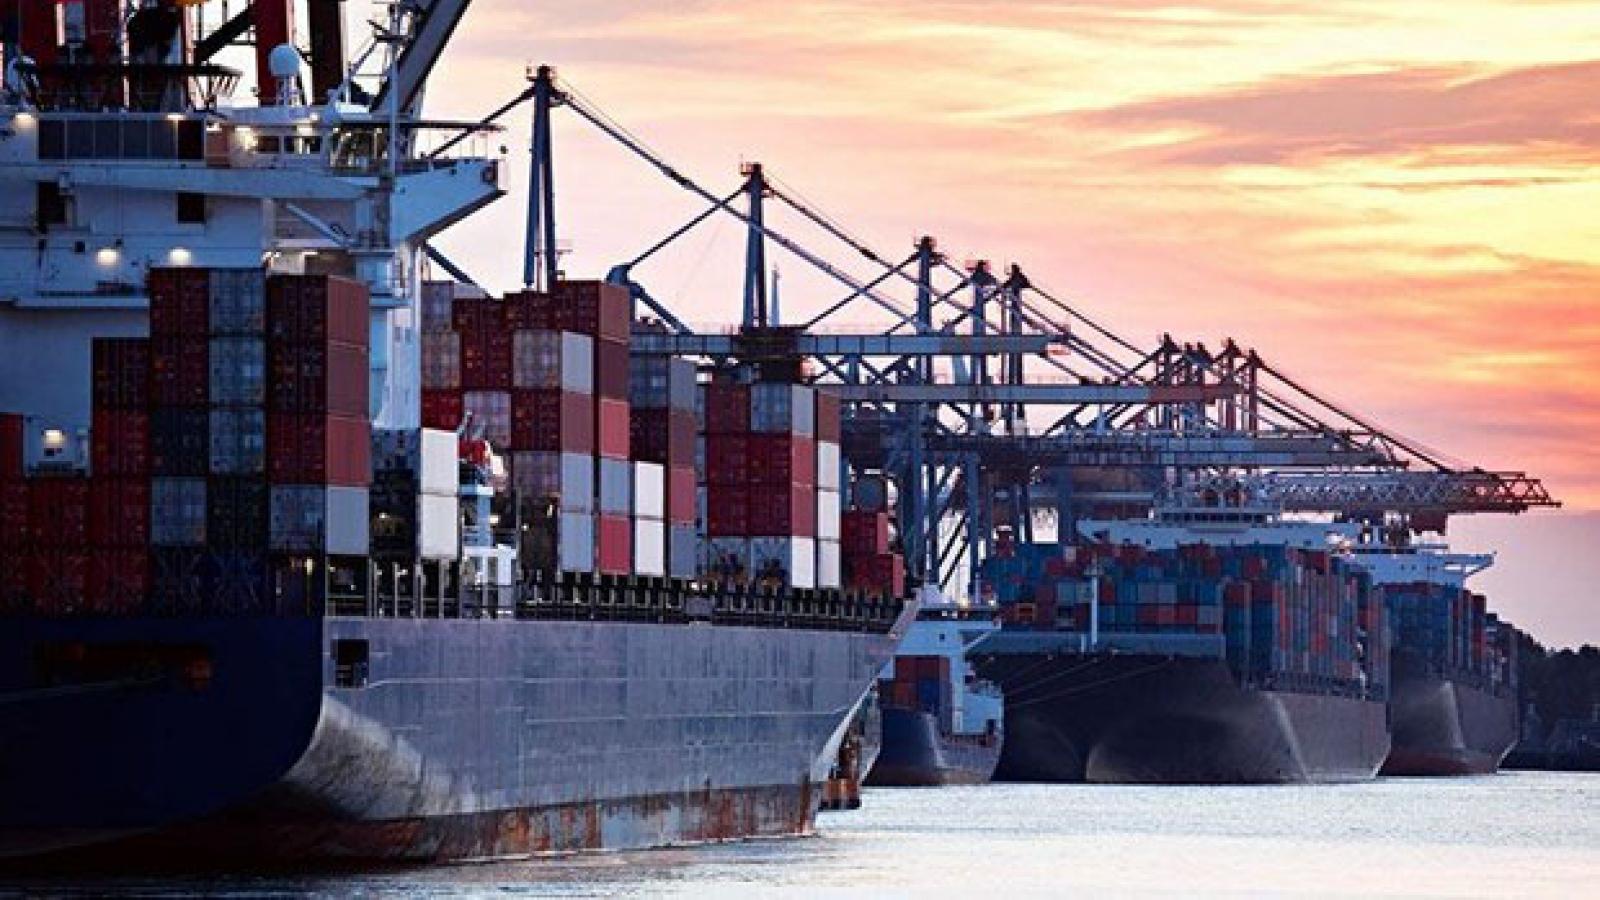 Thị trường châu Mỹ: Tiềm năng xuất khẩu lớn của Việt Nam trong CPTPP